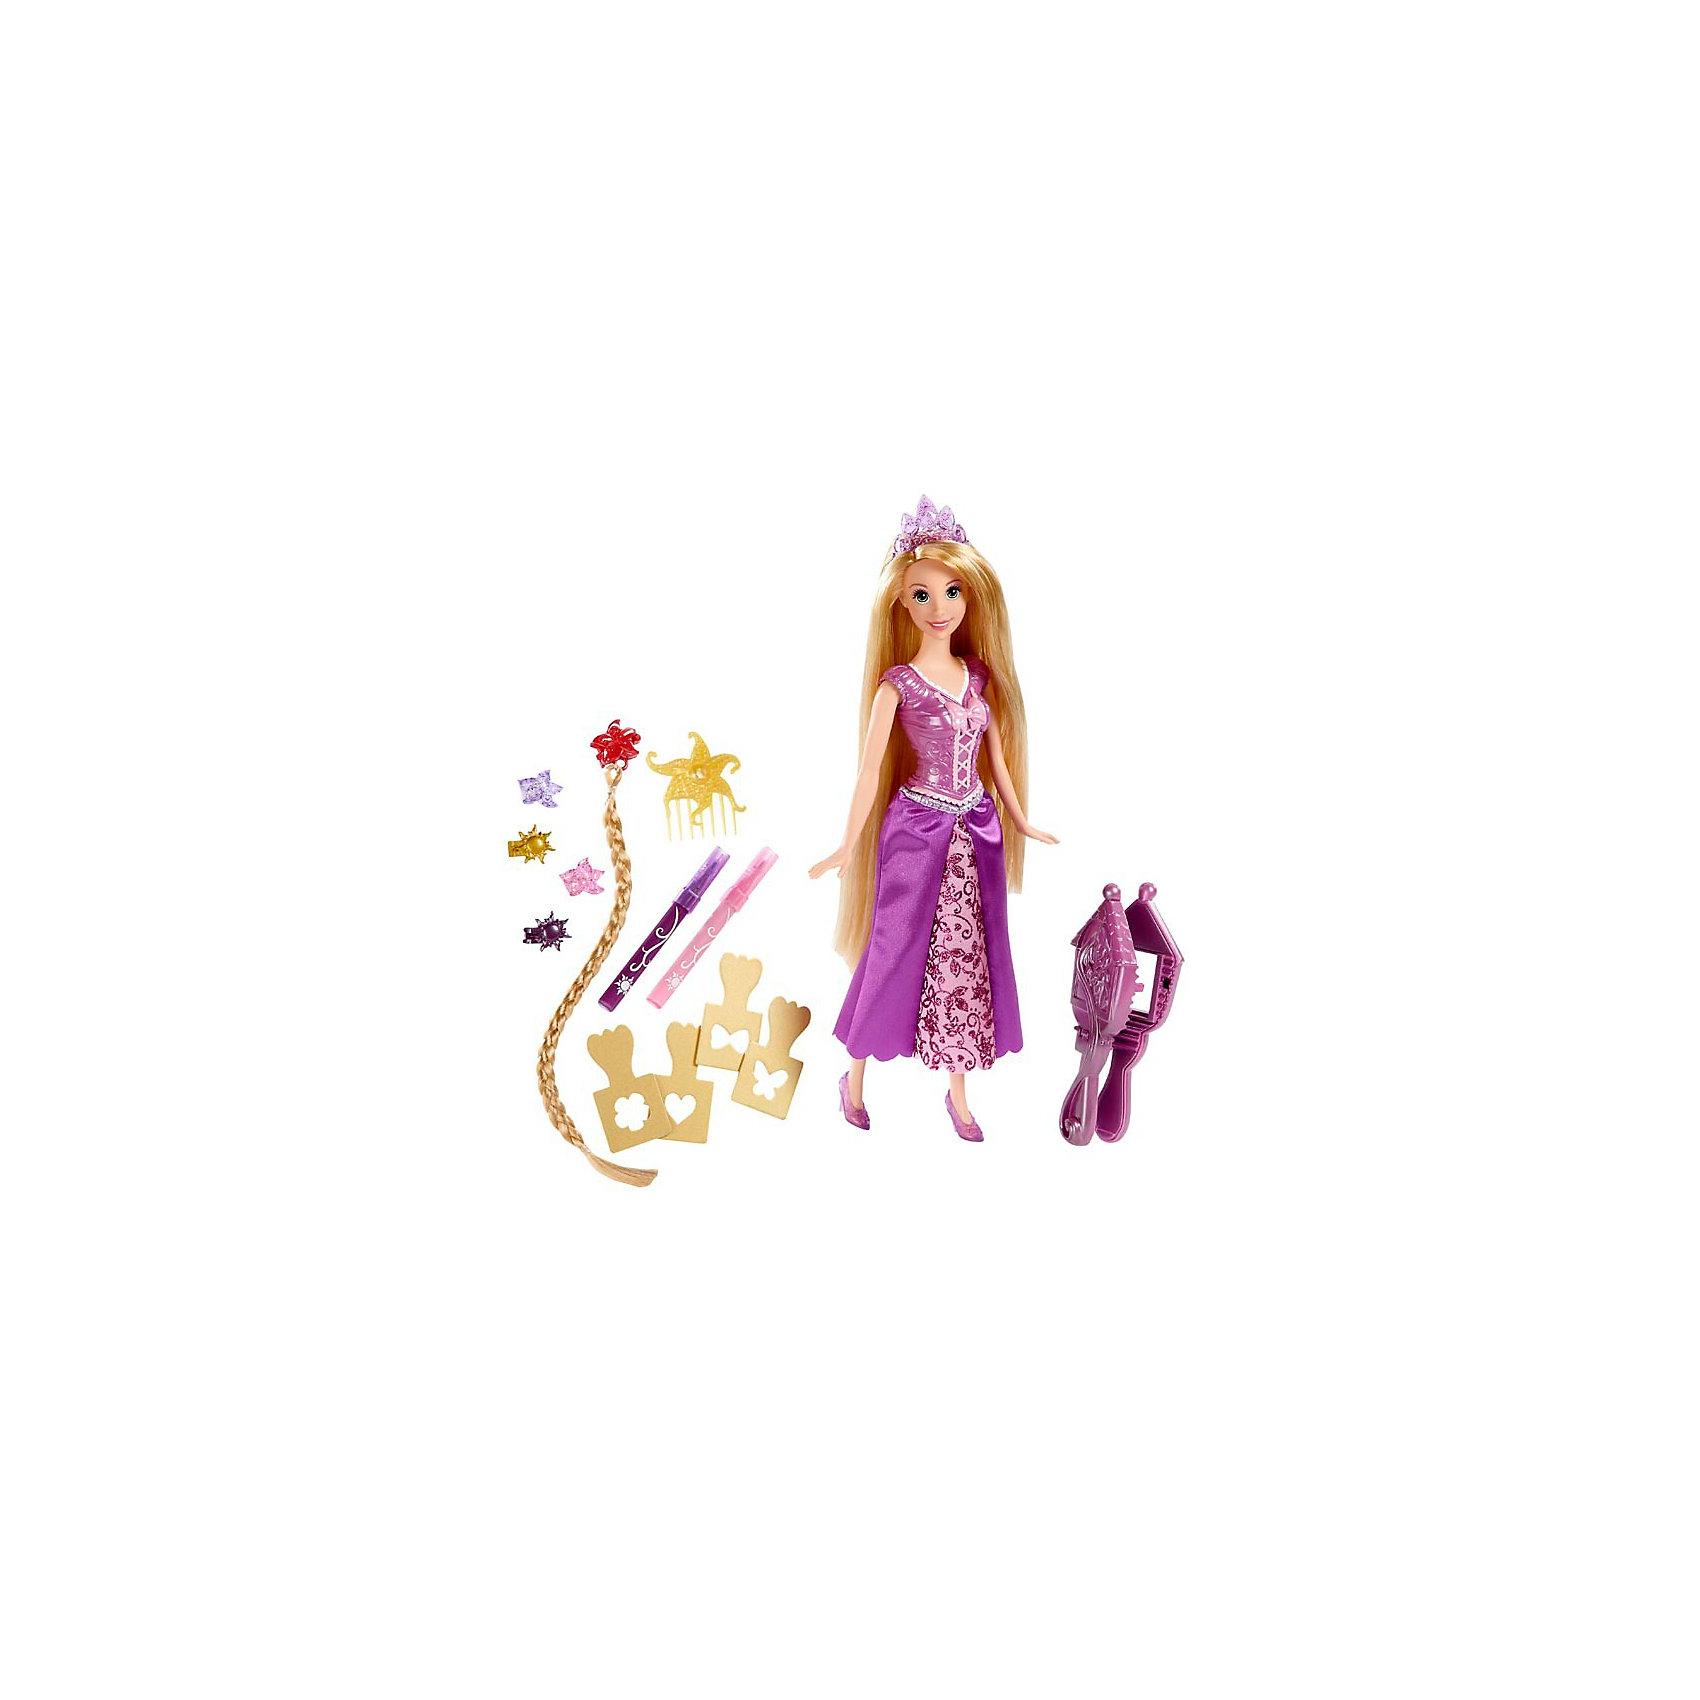 Кукла Рапунцель, с аксессуарами, Disney PrincessЭтот замечательный набор обязательно понравится всем девочкам! Теперь ты можешь стать настоящим стилистом для своей любимой куклы! Экспериментируй с образами, цветами и прическами, а прекрасная Рапунцель поможет тебе в этом. Принцесса одета в красивое розовое платье с обтягивающим лифом и пышной вышитой юбкой, голову красавицы венчает великолепная тиара. <br><br>Дополнительная информация:<br><br>- Материал: пластик, текстиль.<br>- Комплектация: кукла; 4 трафарета для рисунков на волосах;<br>2 смывающихся маркера (розового и фиолетового цвета); 4 заколки; накладная коса на заколке; гребень; зажим для трафарета.<br>- Лиф платья пластиковый. <br>- Голова, руки, ноги куклы подвижные.<br>- Высота куклы: 26 см. <br><br>Куклу Рапунцель, с аксессуарами, Disney Princess (Принцессы Диснея), можно купить в нашем магазине.<br><br>Ширина мм: 335<br>Глубина мм: 177<br>Высота мм: 60<br>Вес г: 272<br>Возраст от месяцев: 36<br>Возраст до месяцев: 72<br>Пол: Женский<br>Возраст: Детский<br>SKU: 3631492